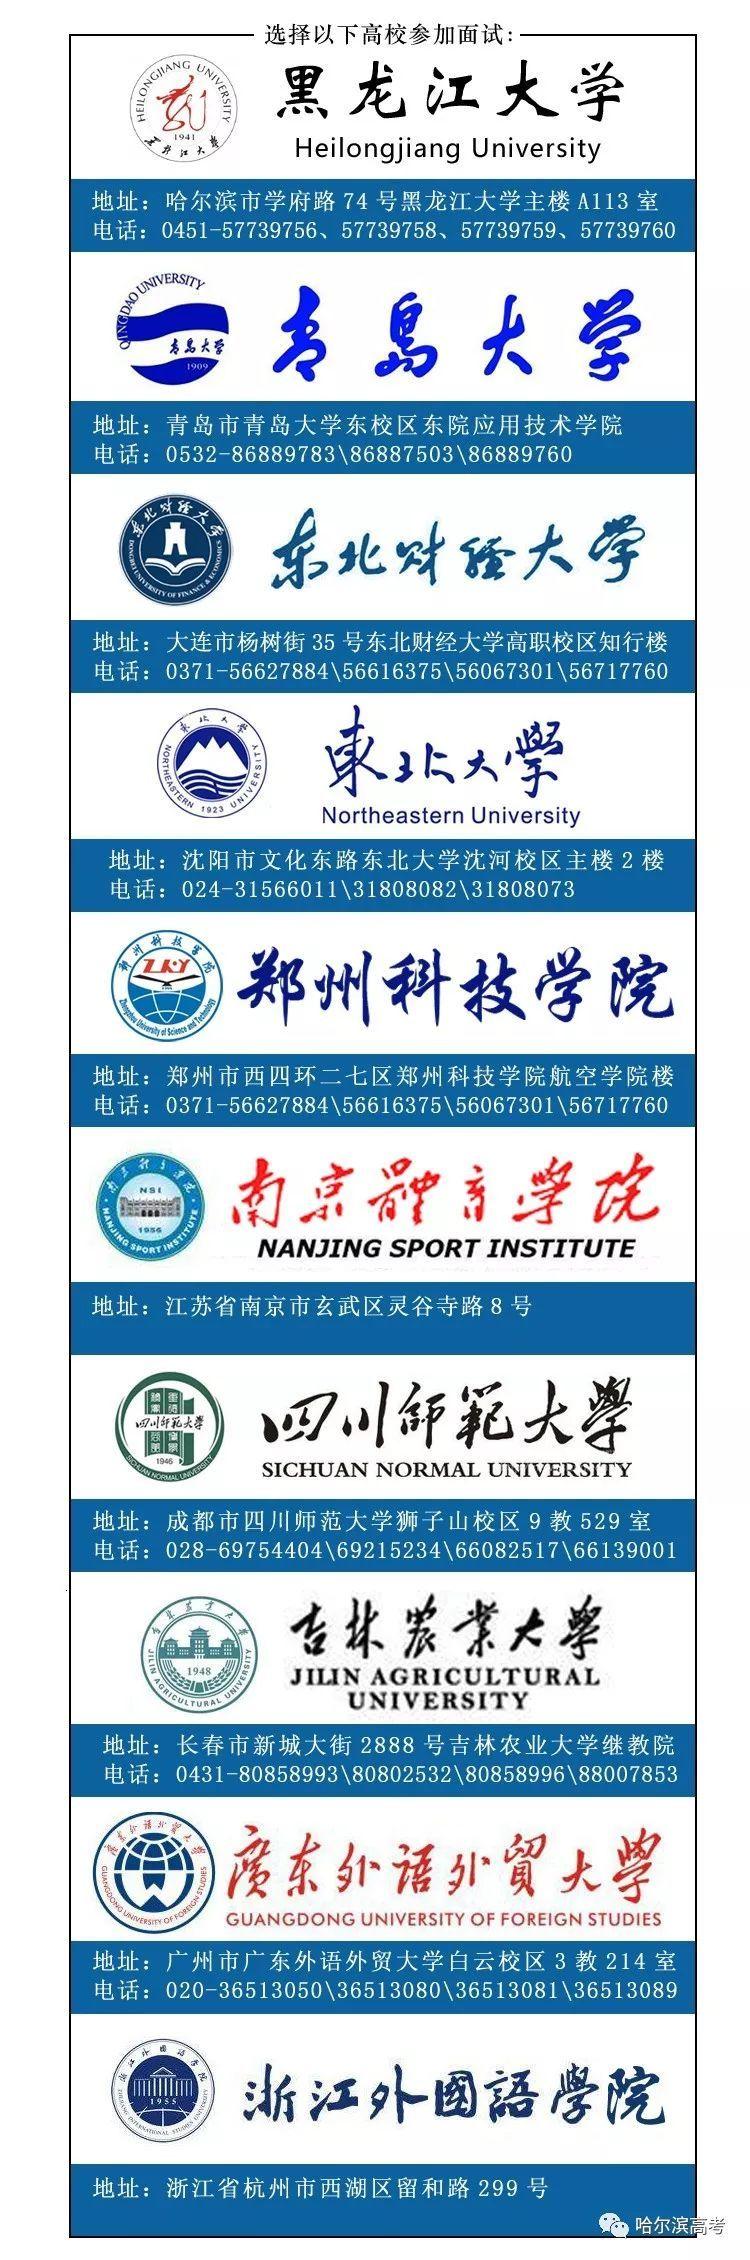 【黑龙江大学】等10所高校【空中乘务员】面试开始!分数不限!